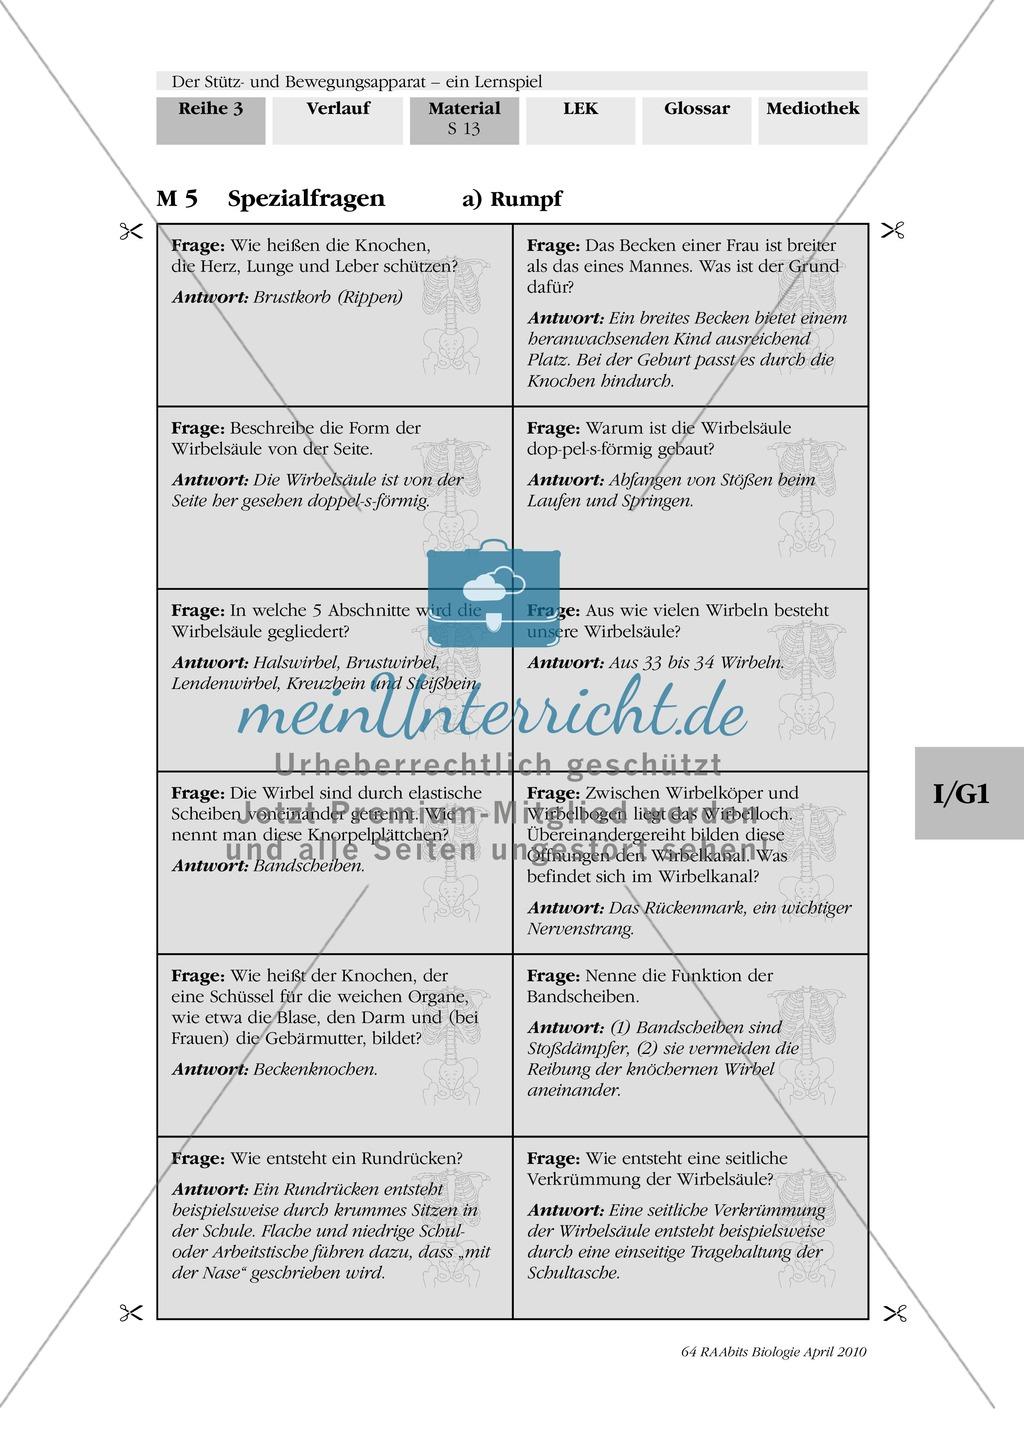 Lernspiel zum Stütz- und Bewegungsapparat: Spielanleitung, Spielfeld, Skelett-Puzzleteile, Fragen, Spielkarten, Röntgenbilder Kontrollbogen, Lösungsbogen Preview 11